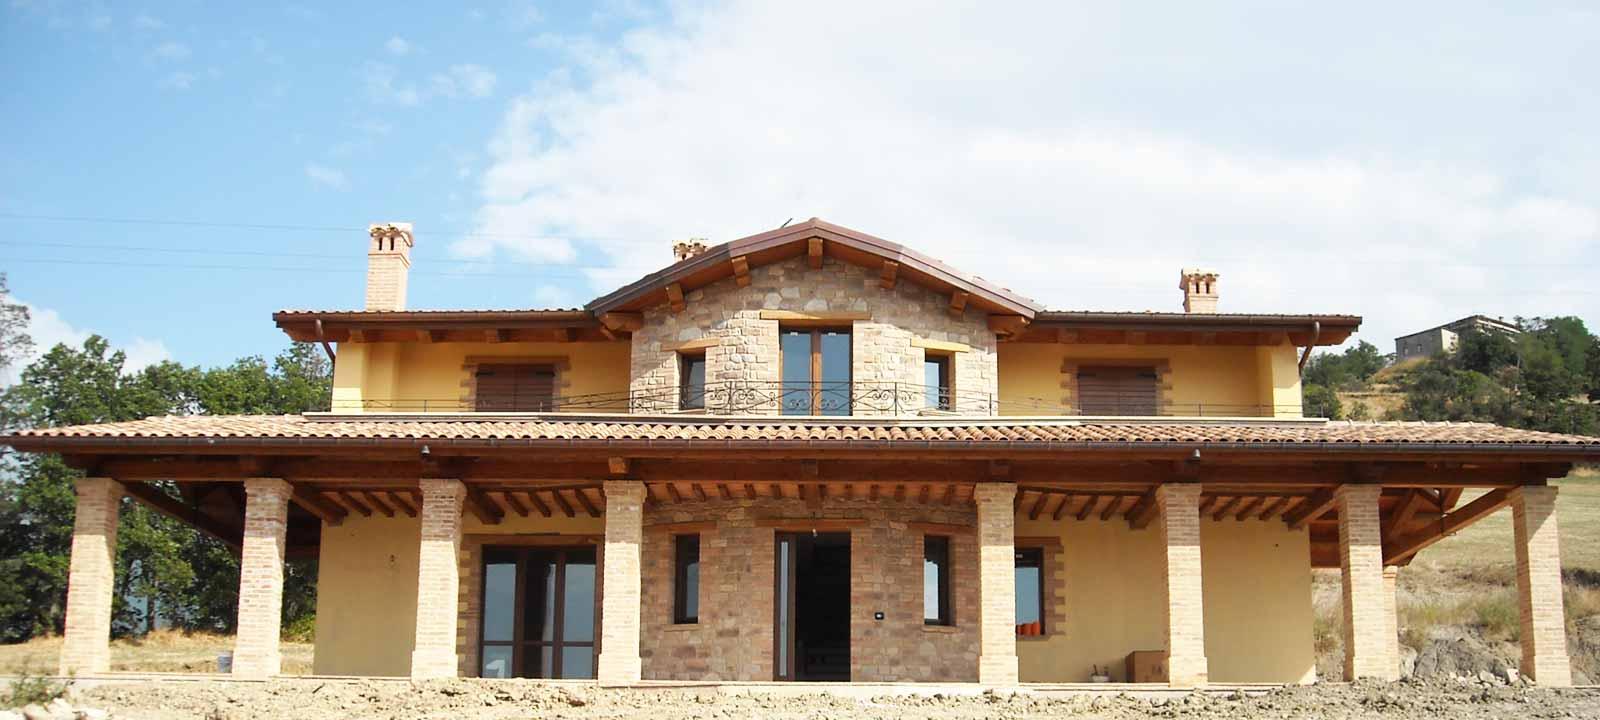 Realizza la tua casa in legno con outlet legno for Case in legno costi